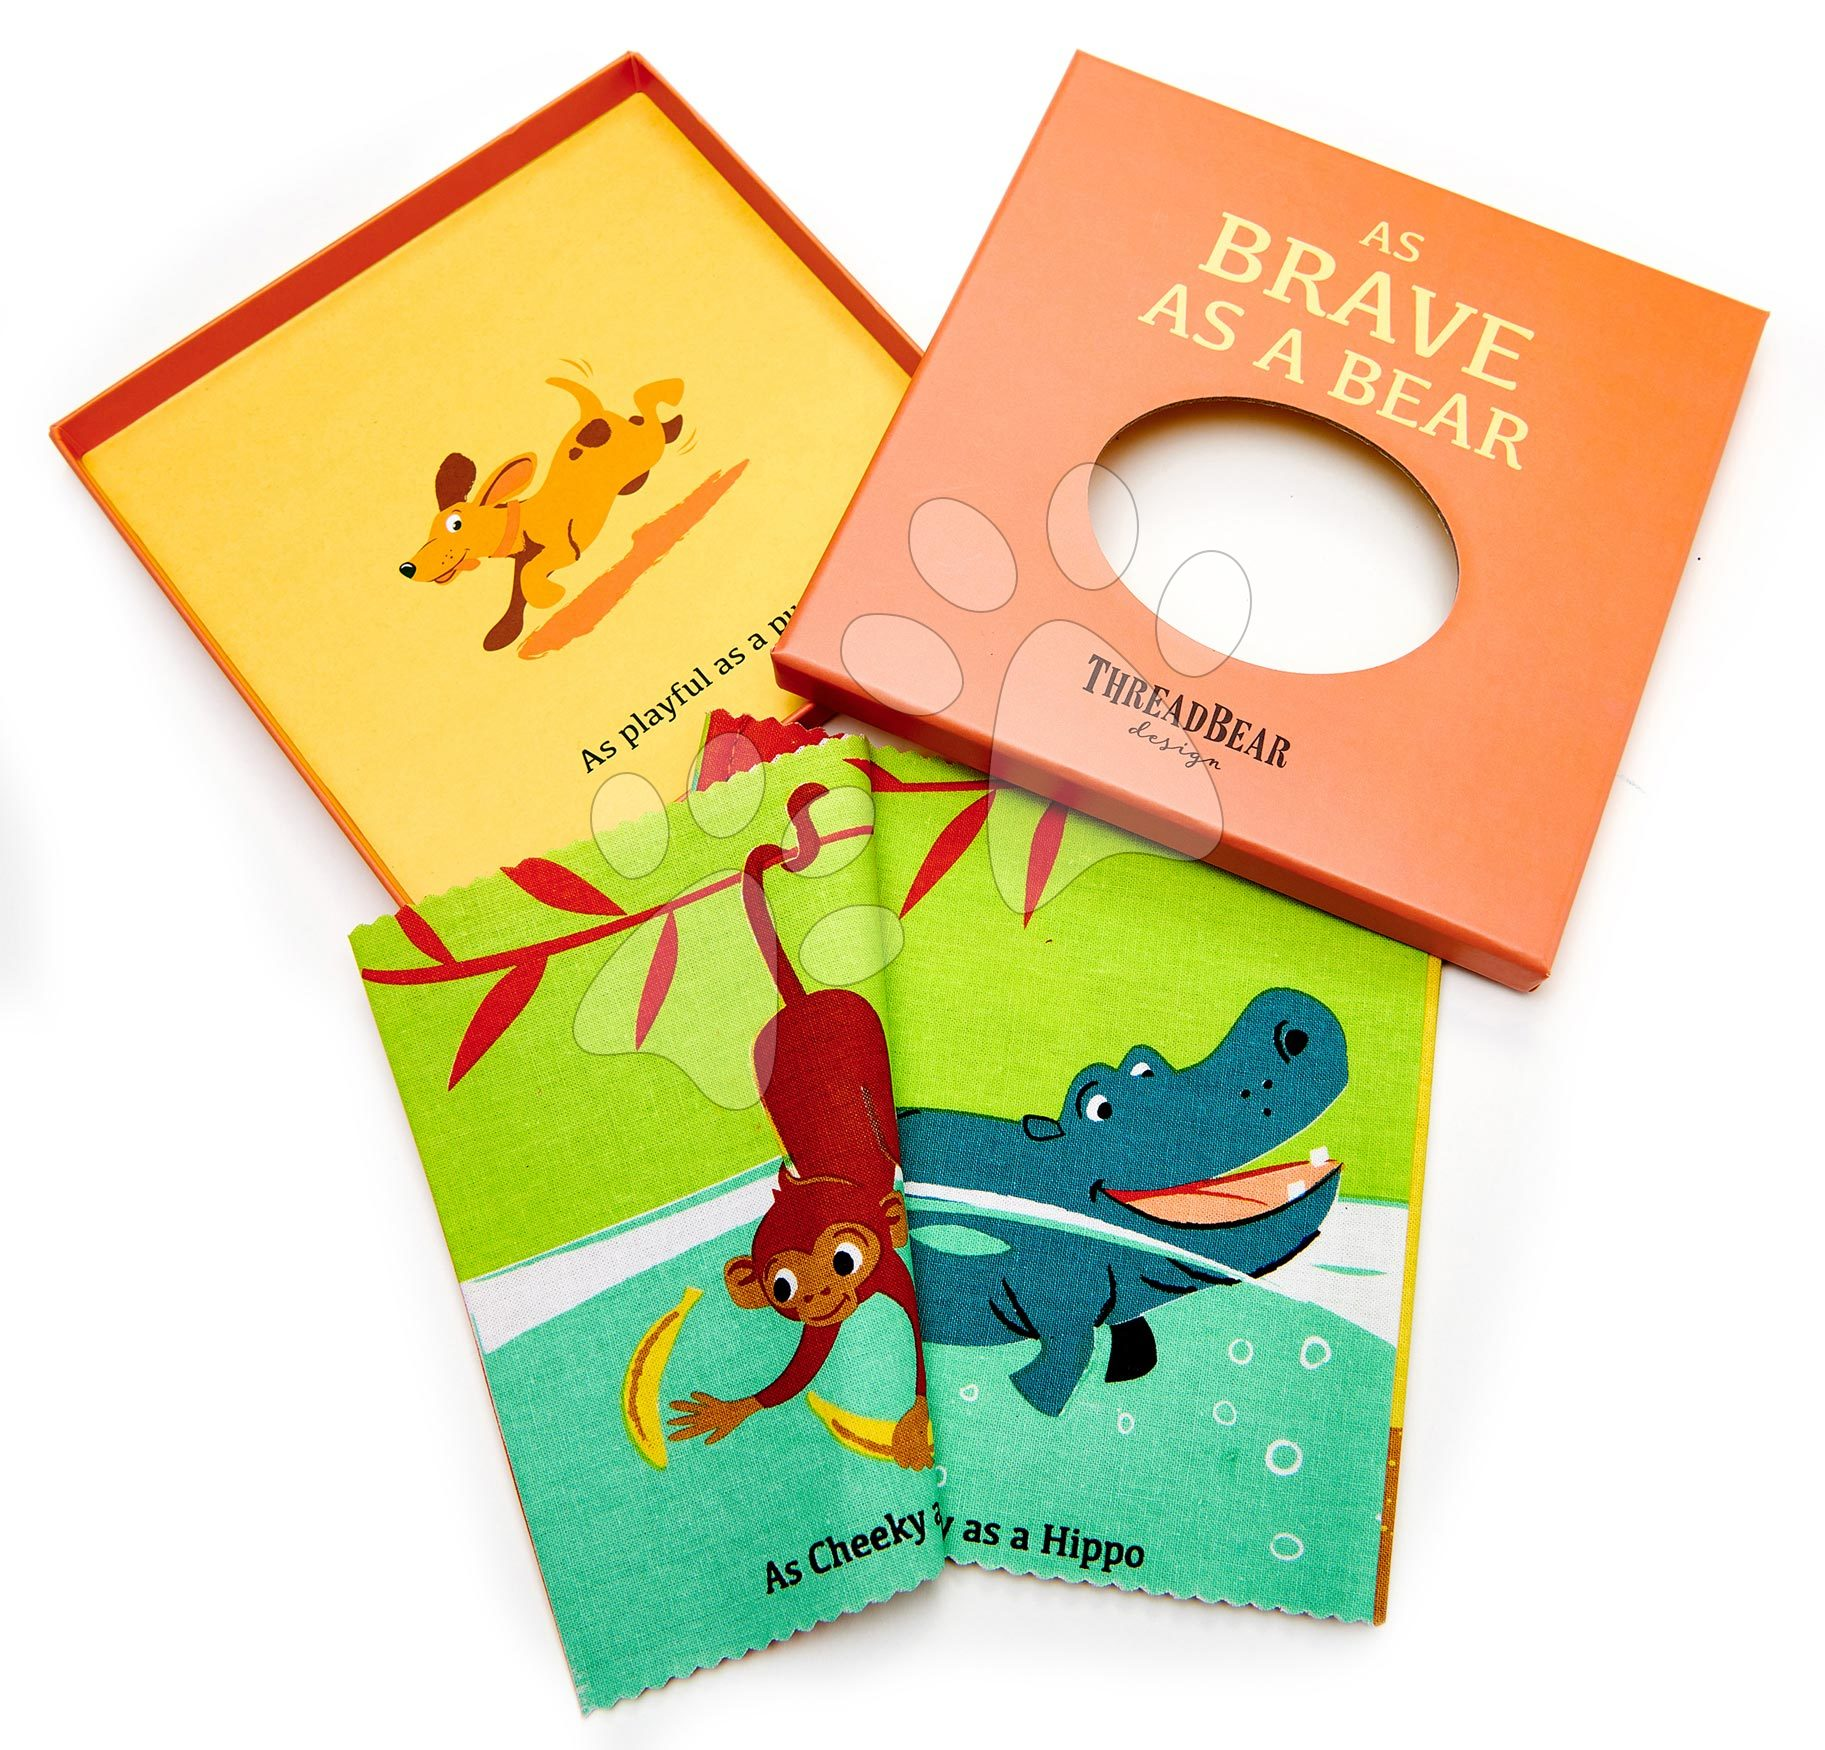 Textilní knížka Brave as a Bear Rag Book ThreadBear s 12 divokými zvířátky 100% jemná bavlna v dárkovém balení od 0 měs